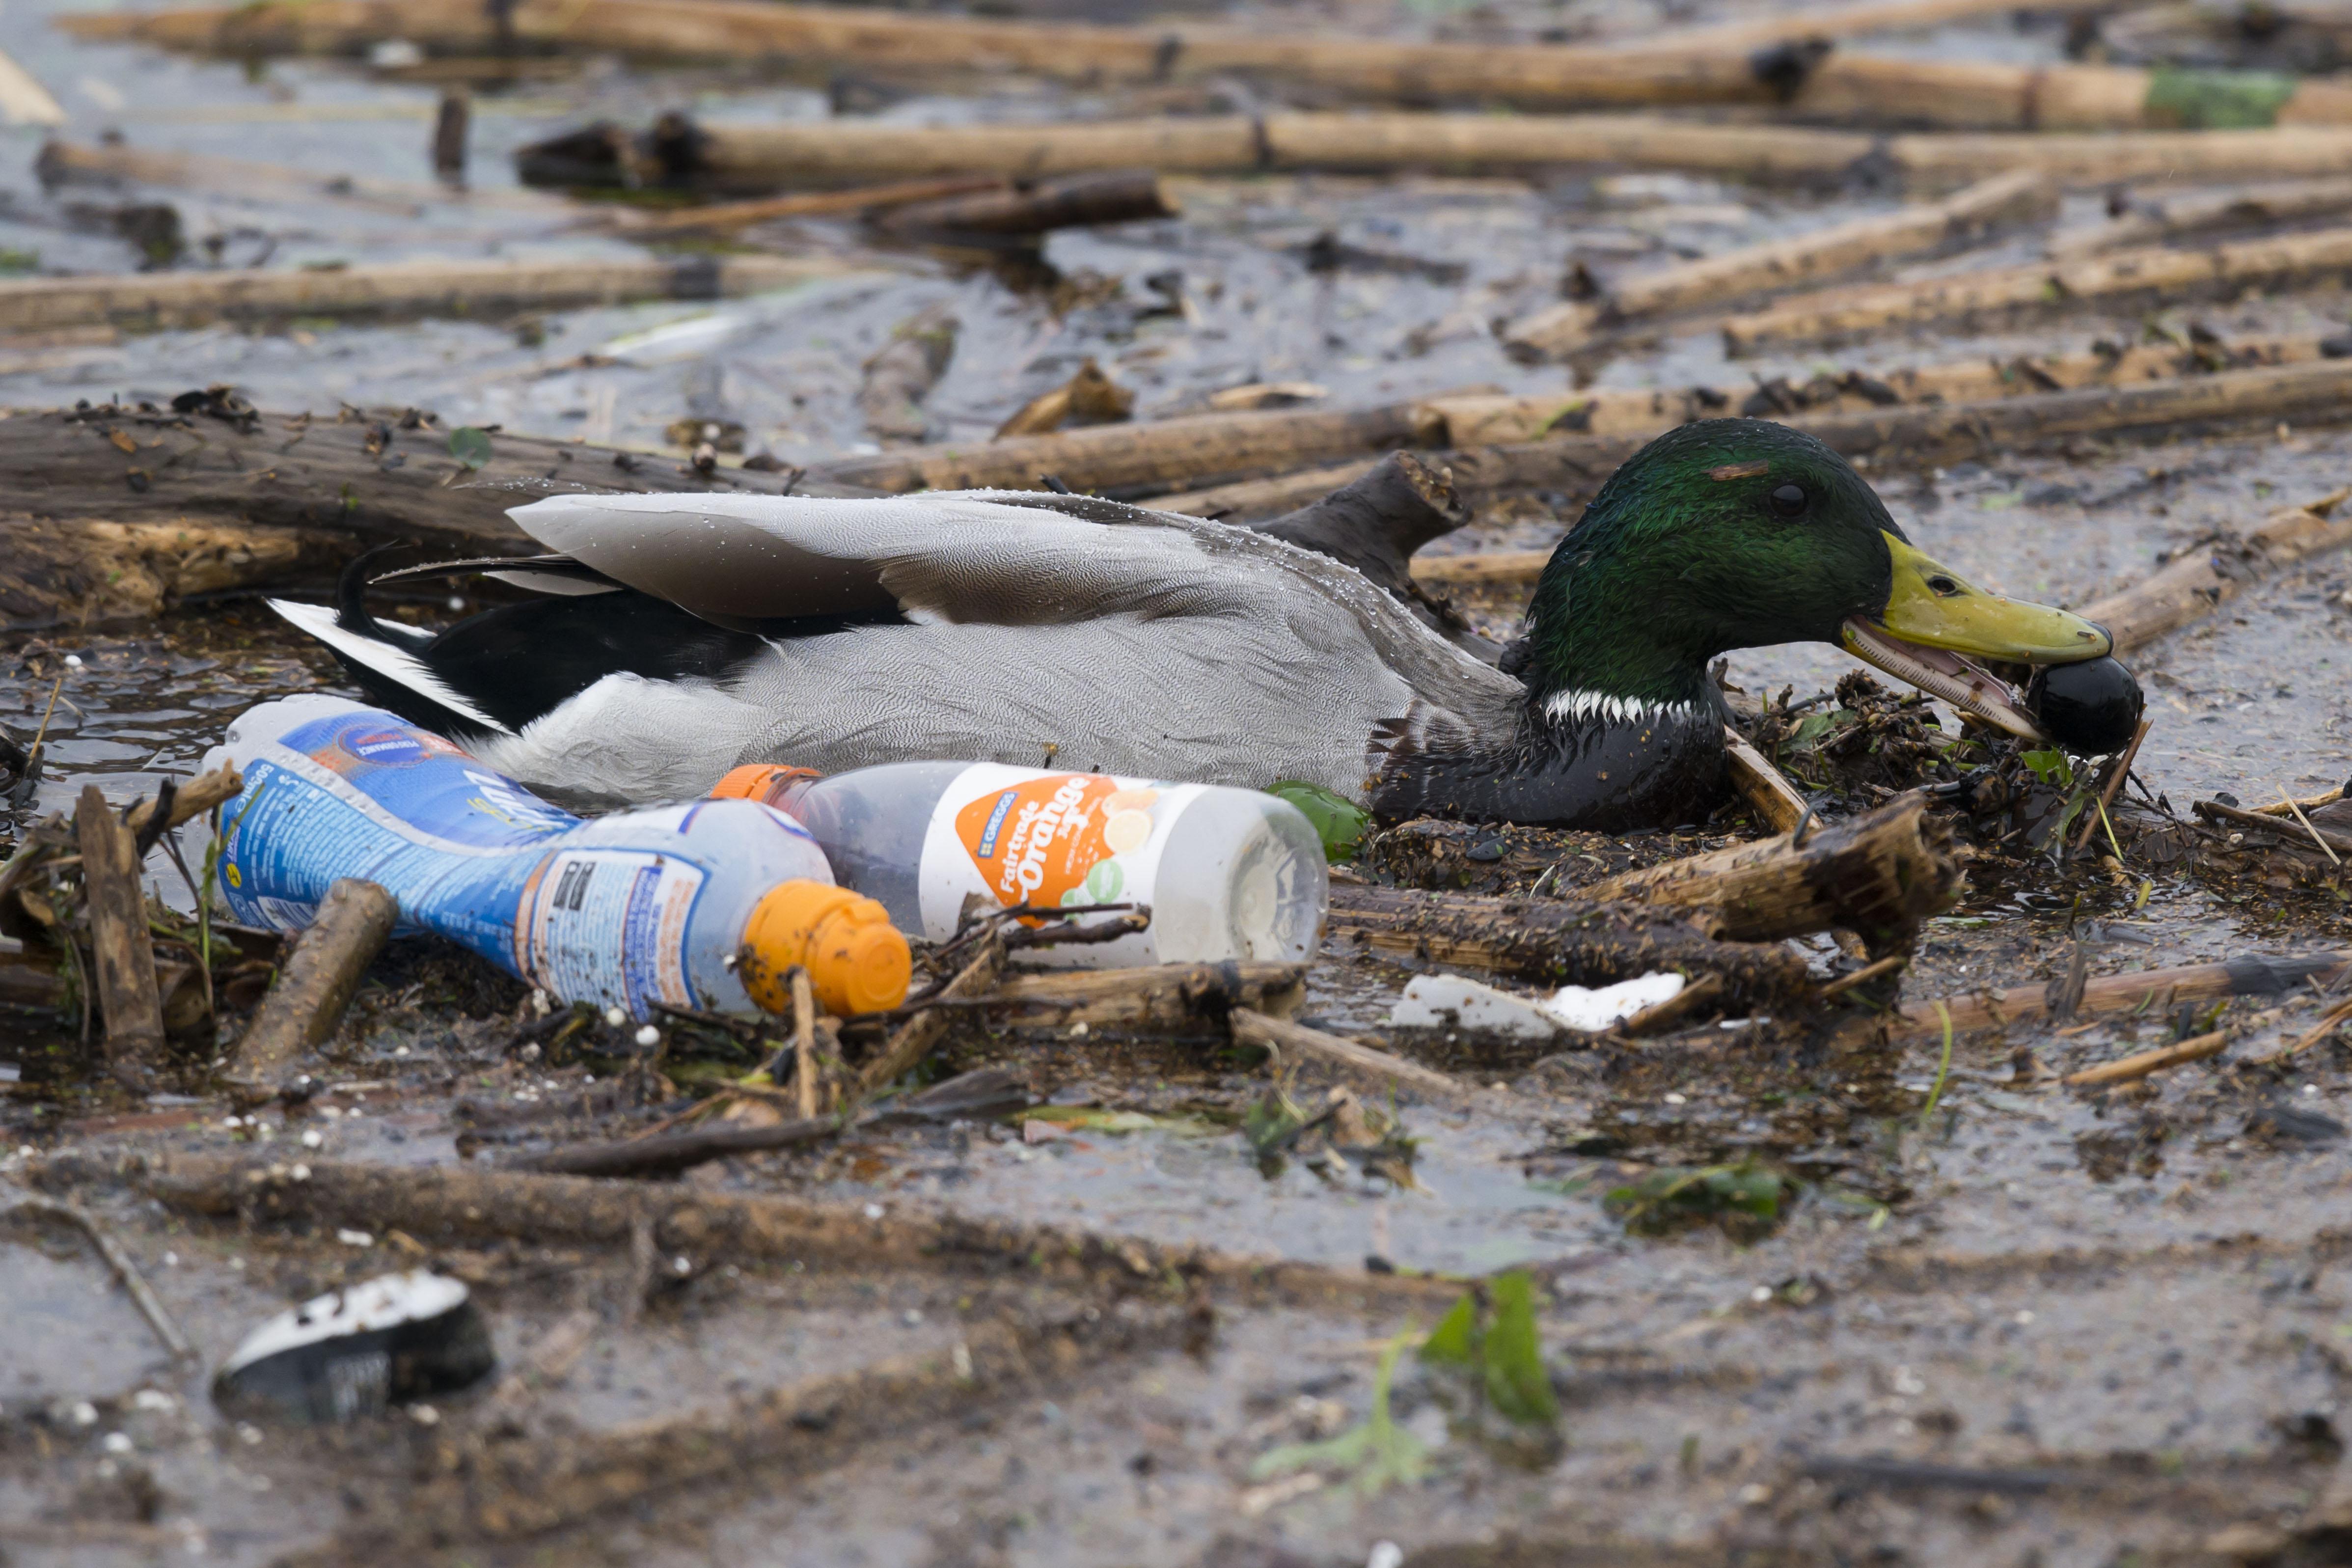 Estragos de la contaminación: Graban cómo una serpiente vomita una botella de plástico en la India